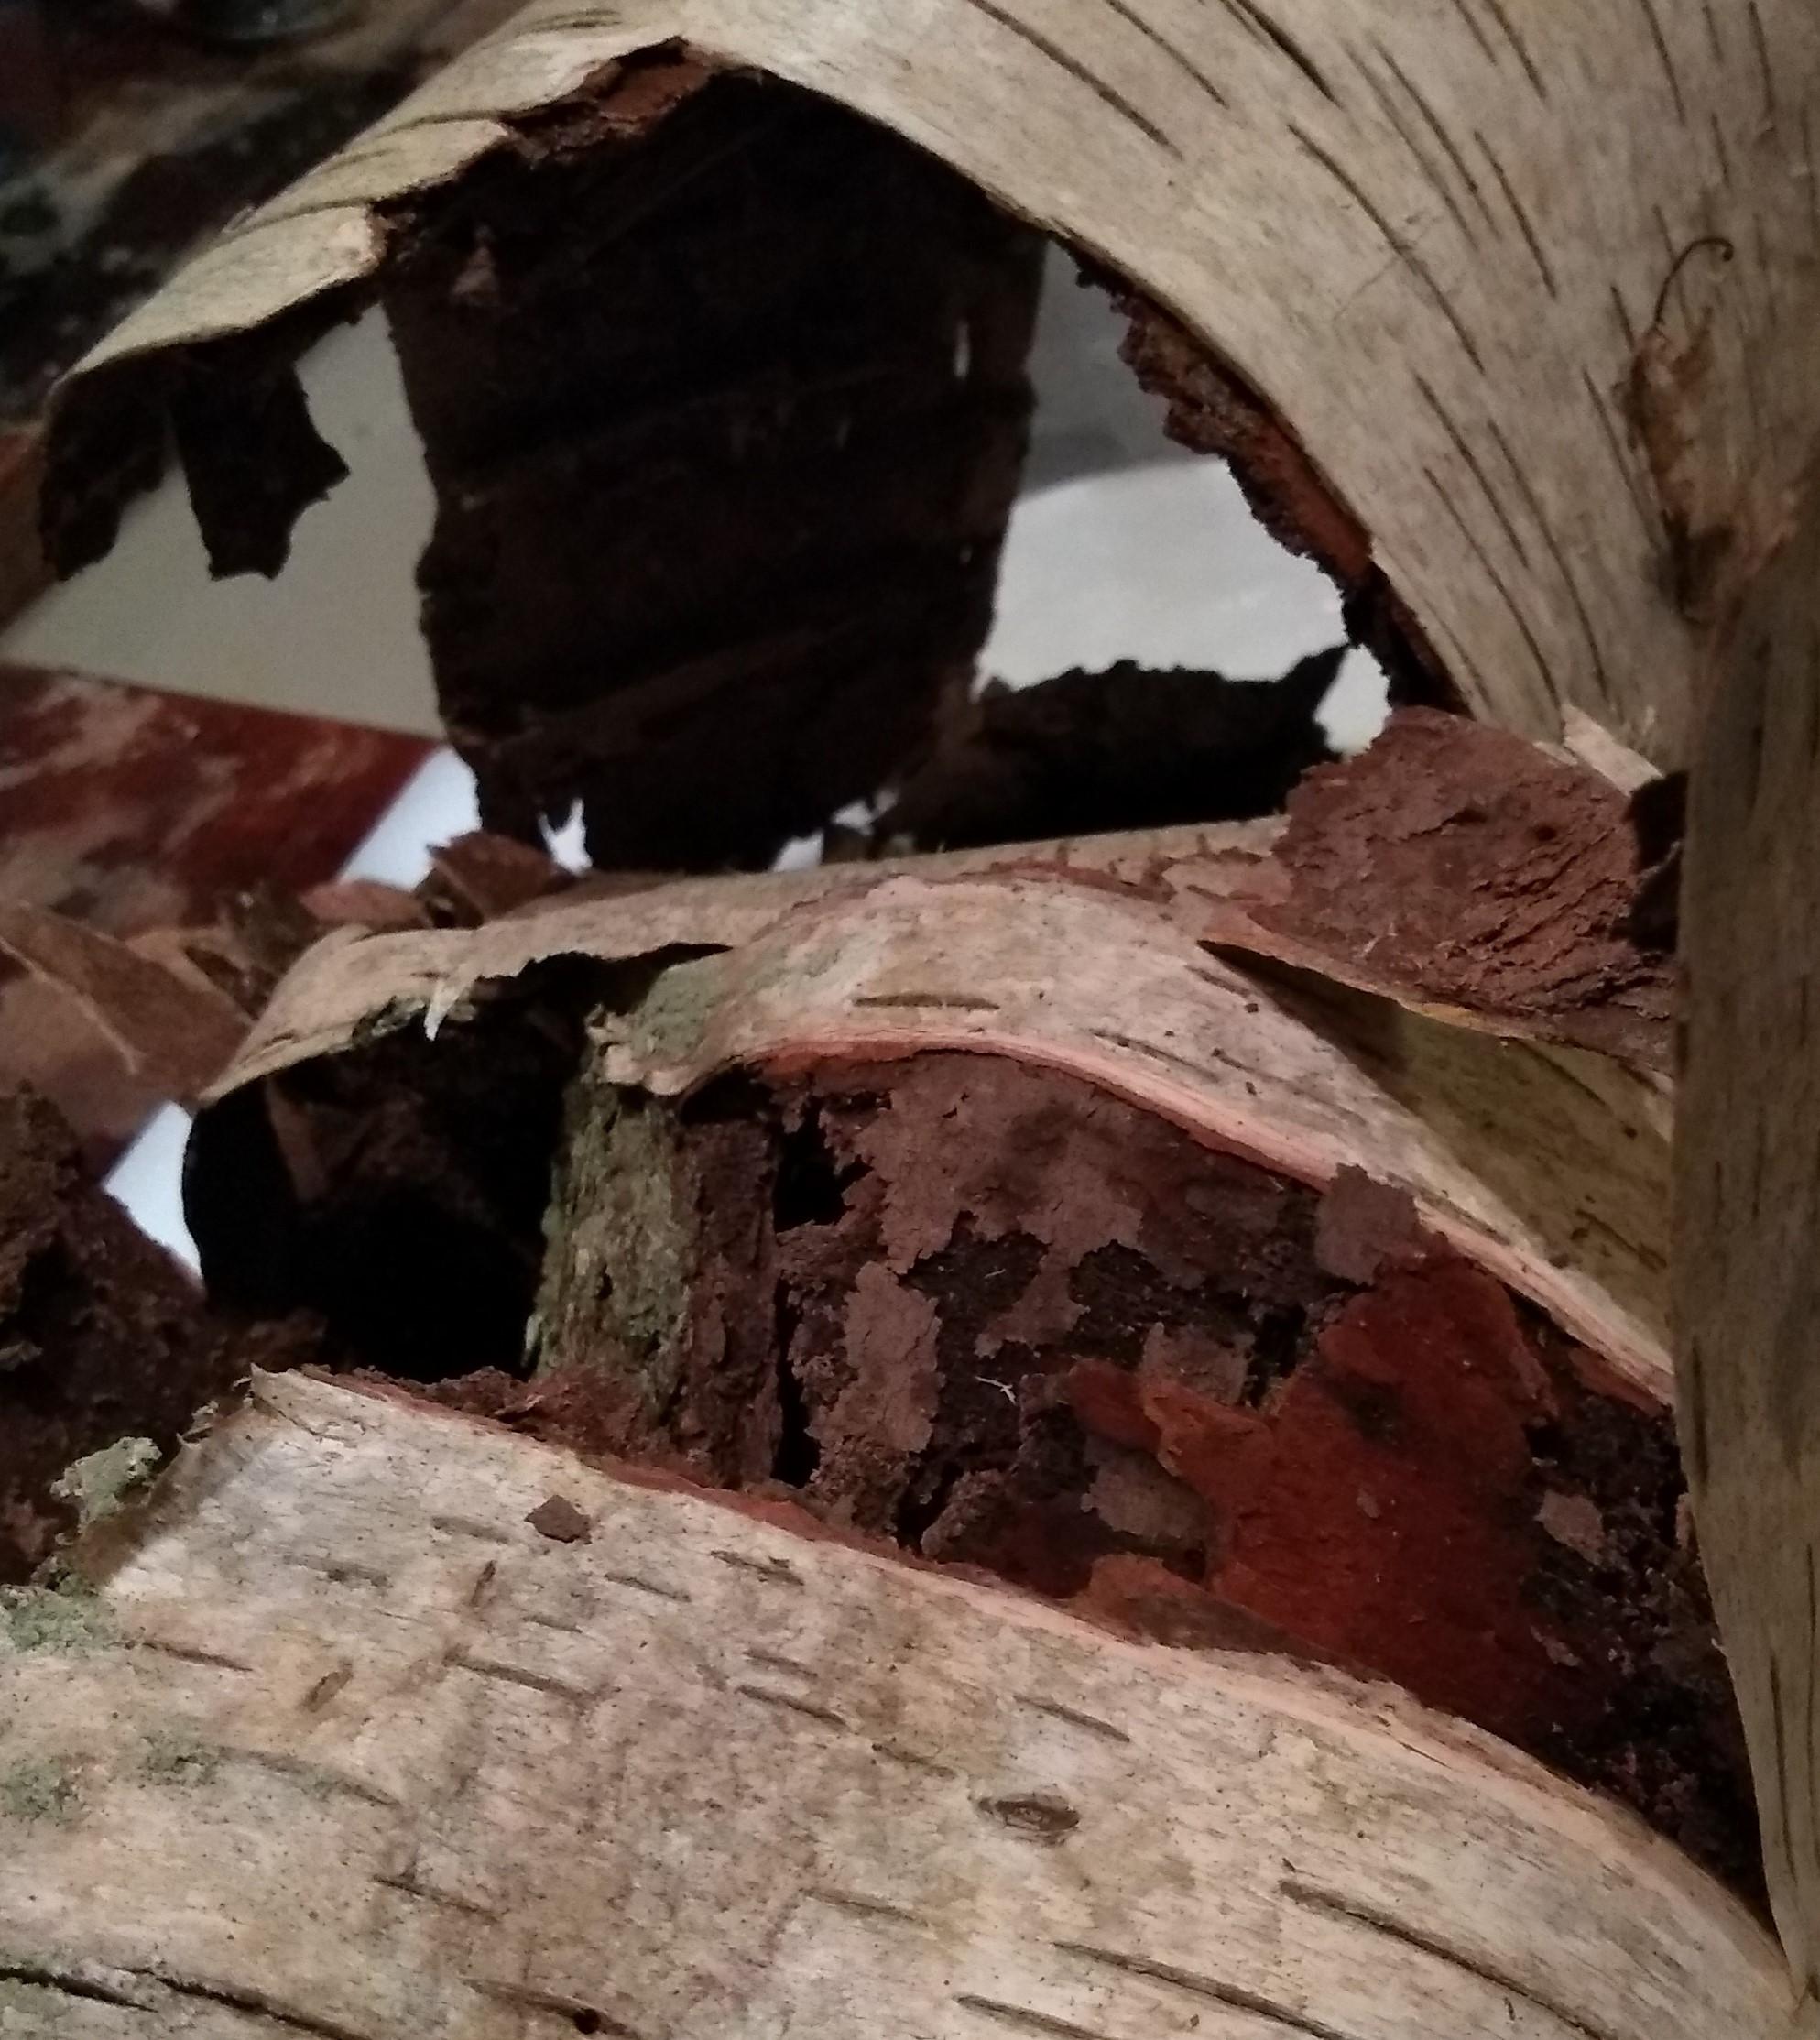 Birch bark from fallen tree